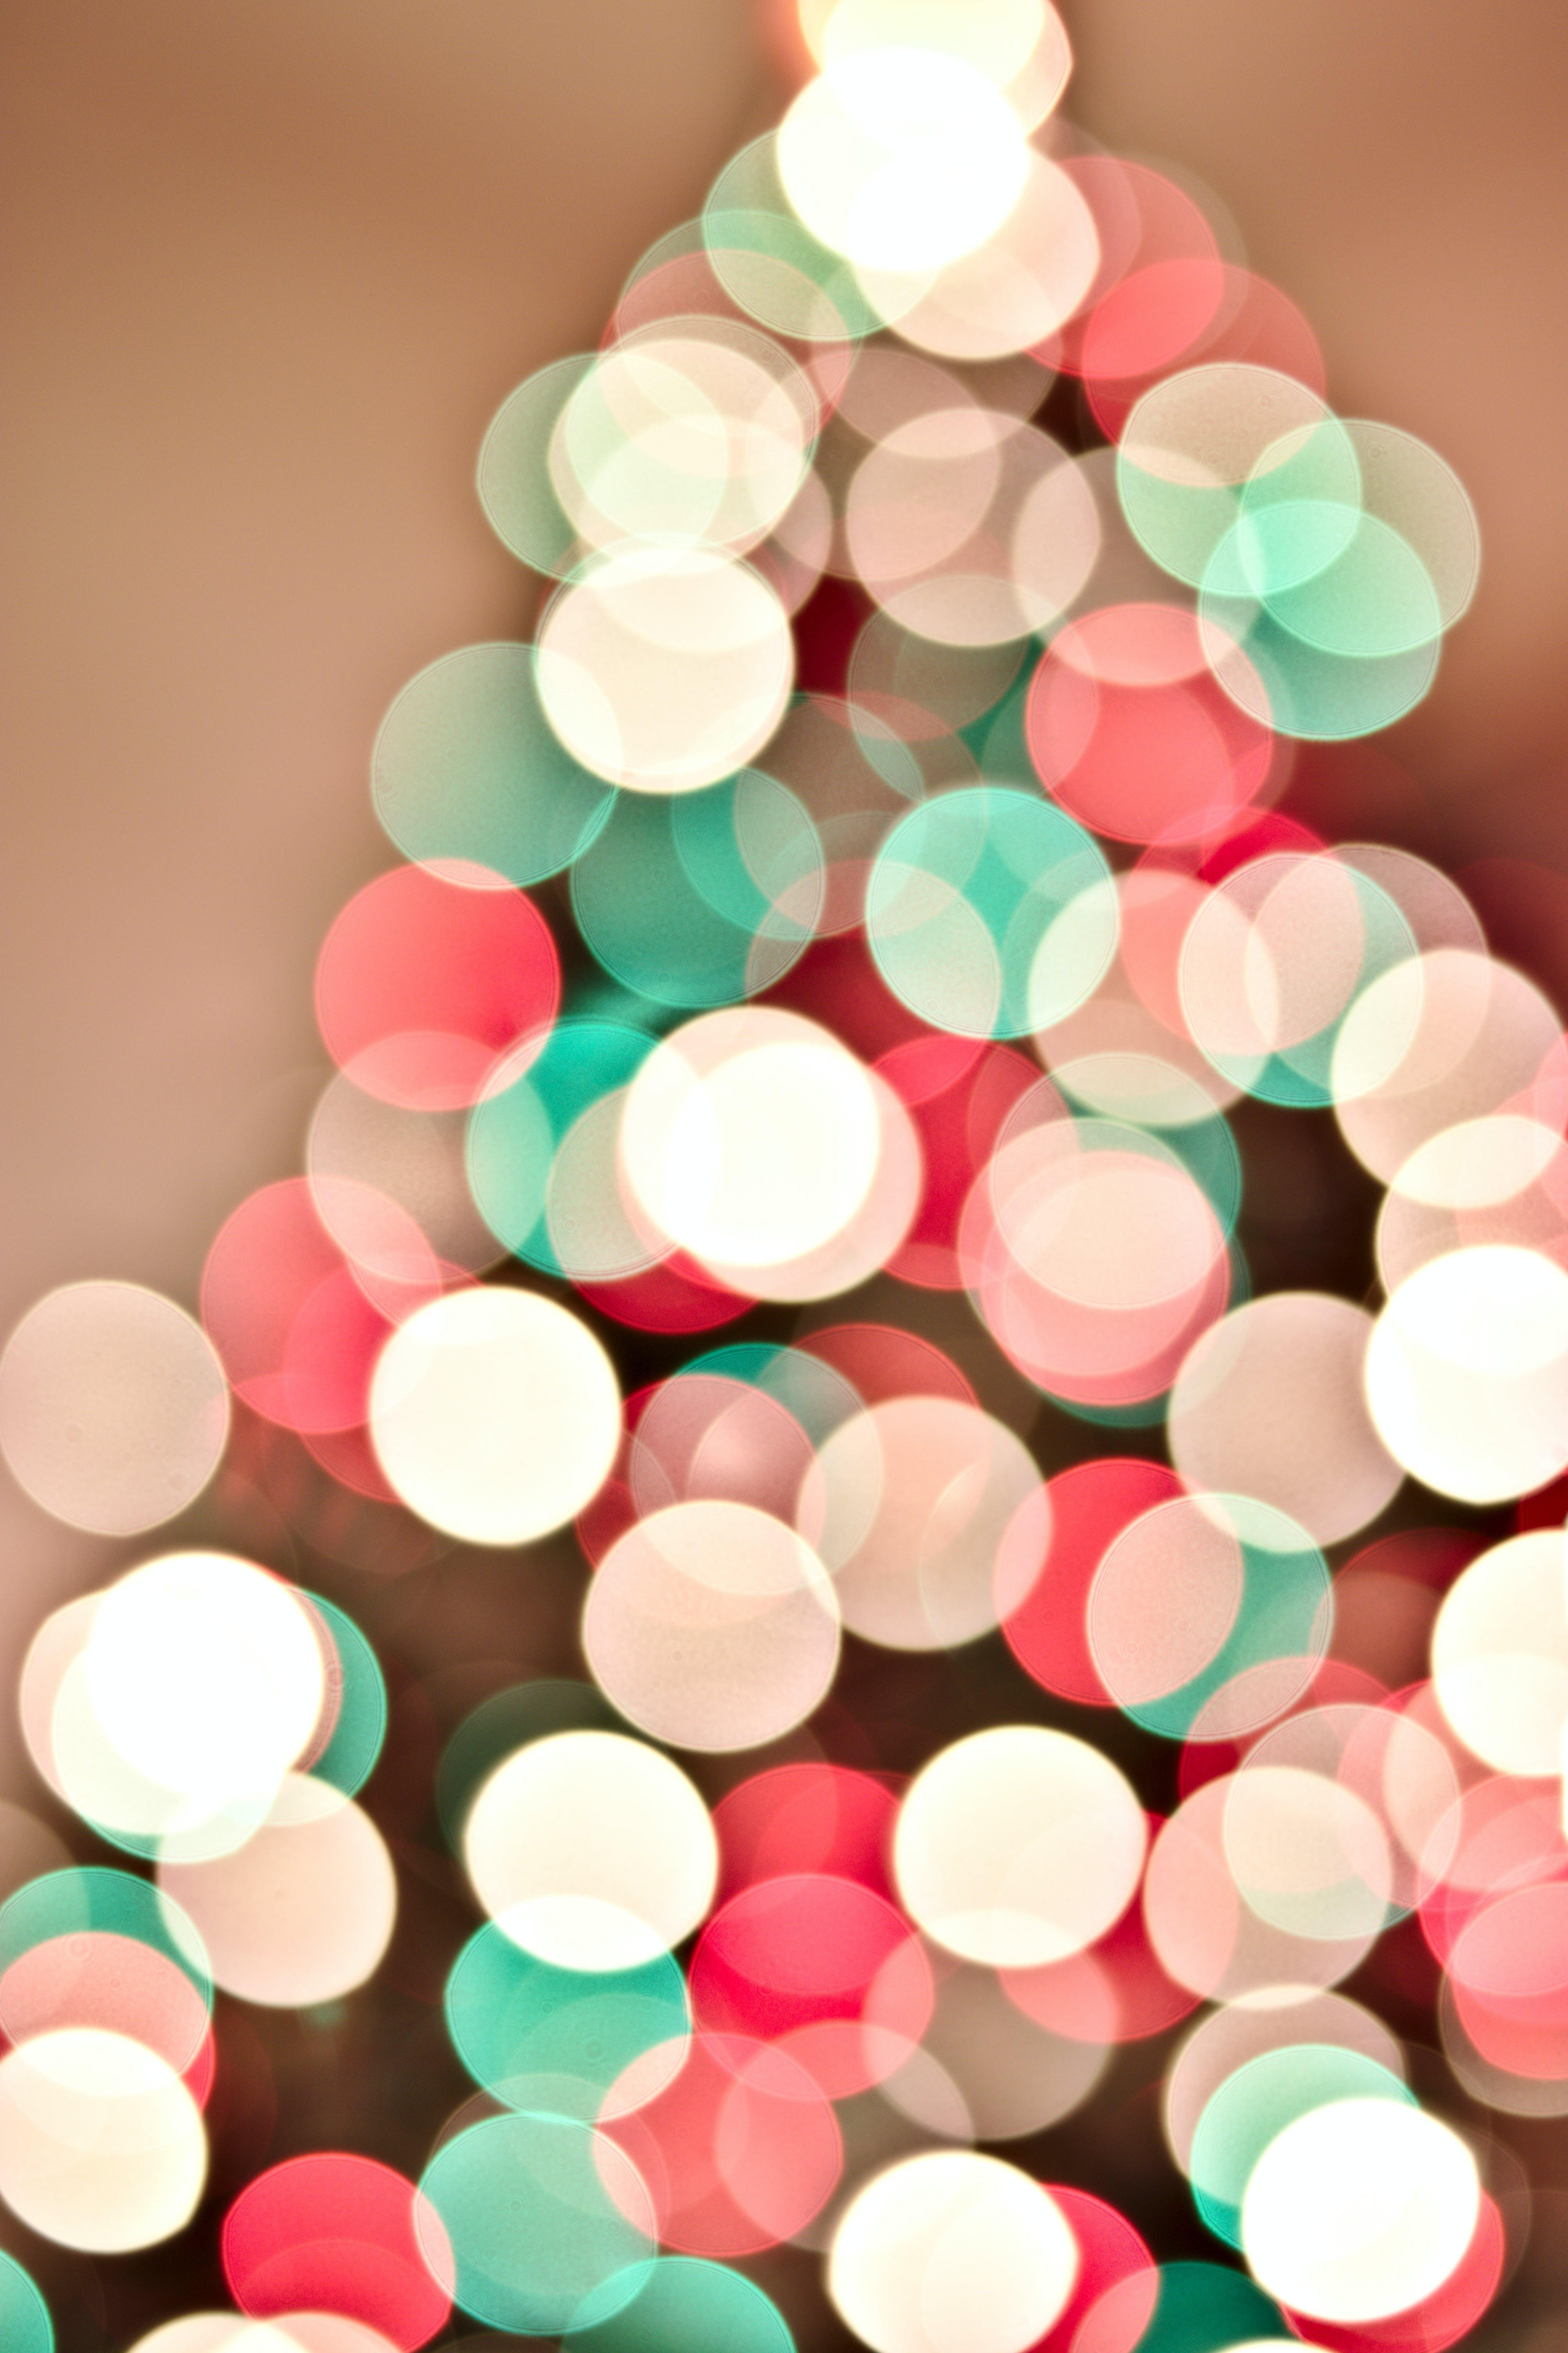 Foto d'estoc gratuïta de arbre de Nadal, llums, llums de Nadal, nadal